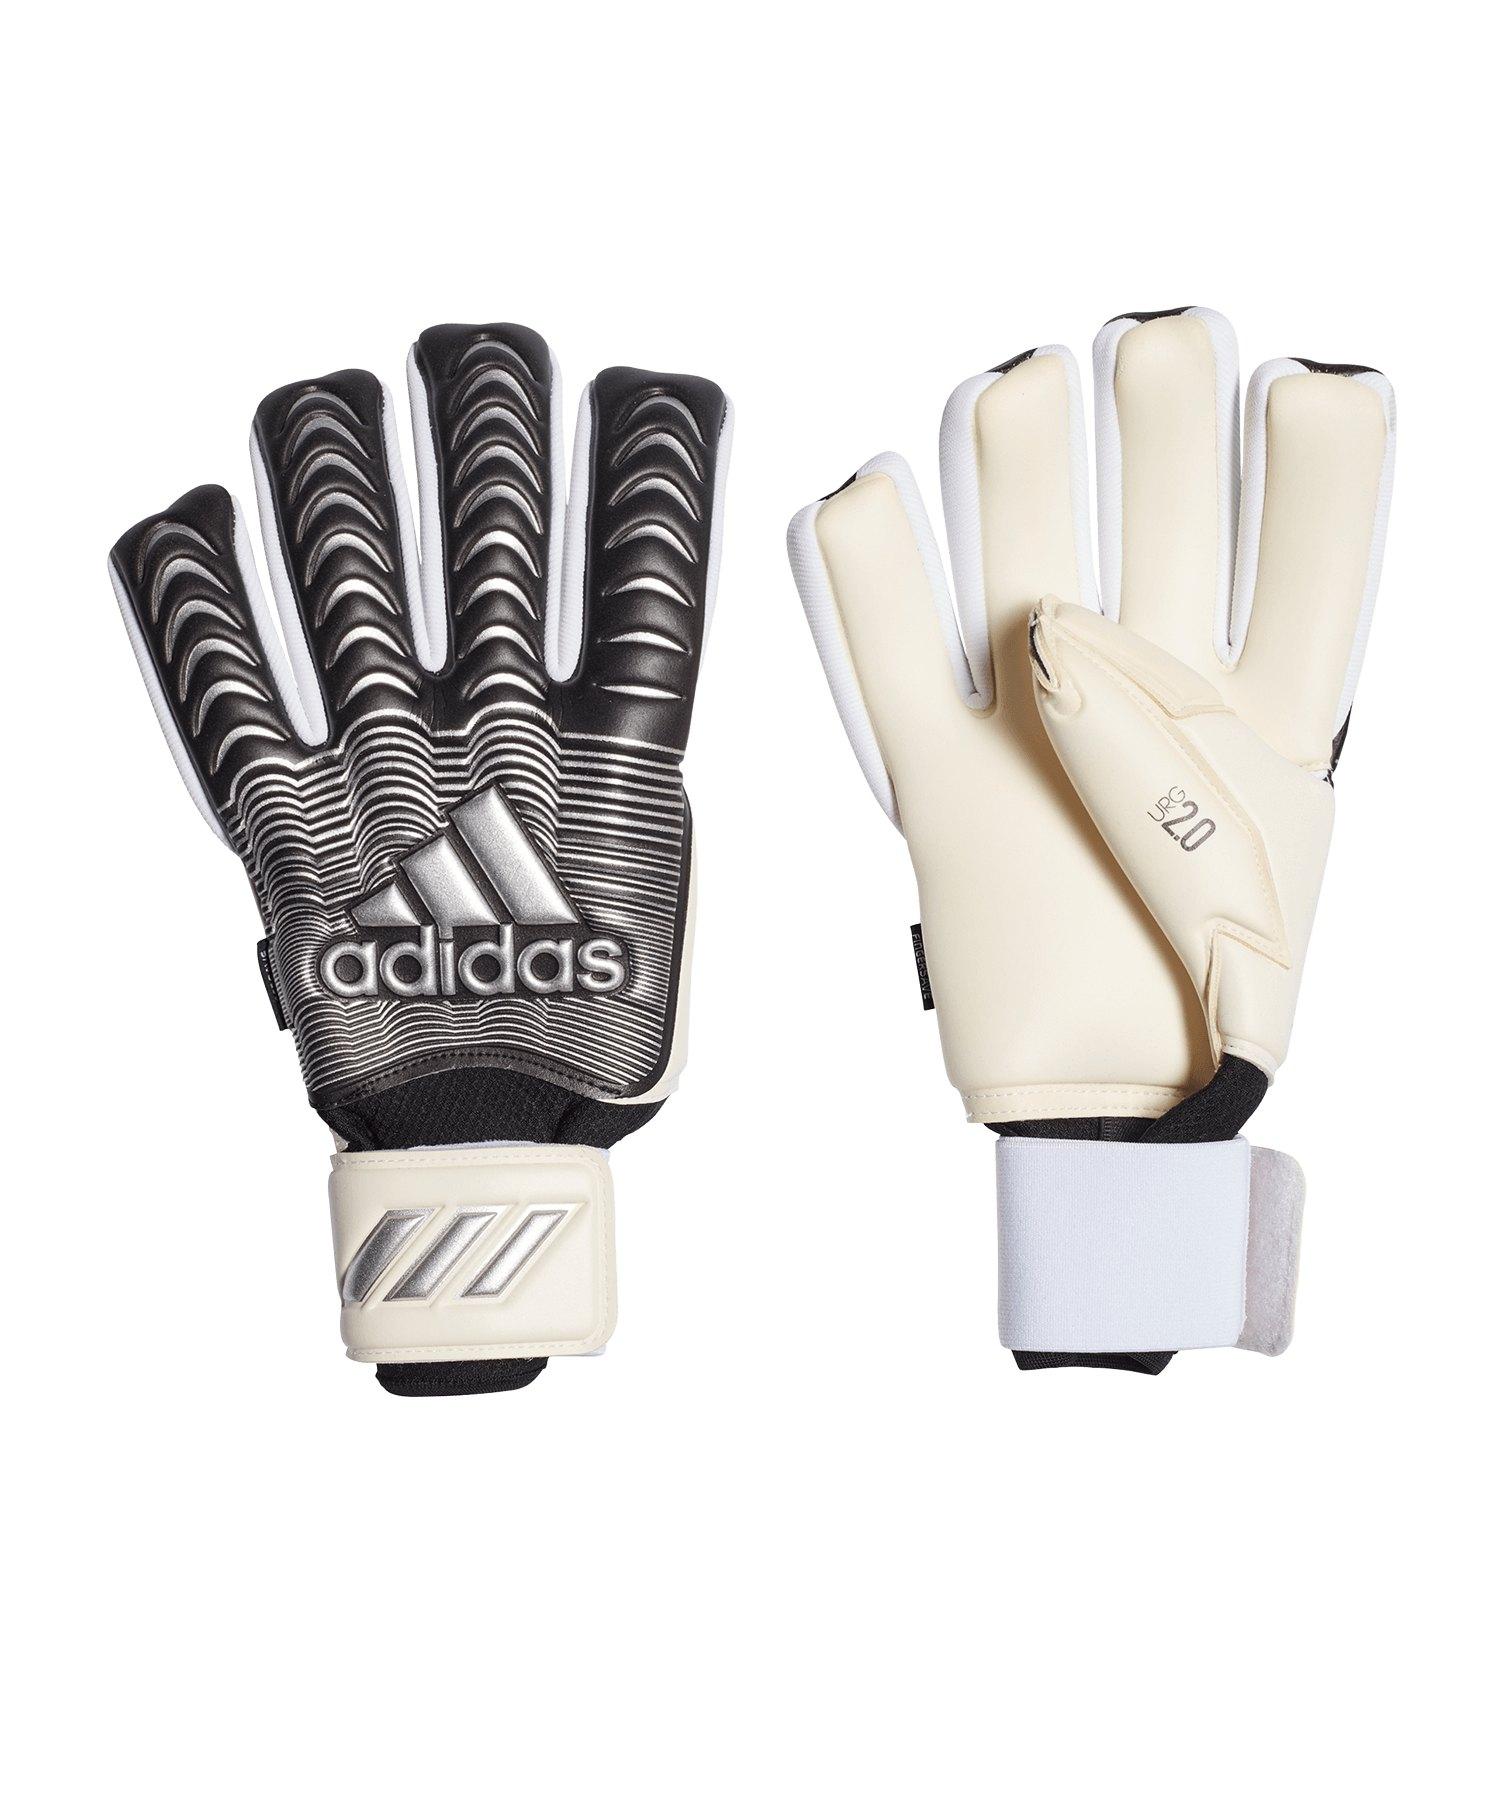 adidas Classic Pro FS TW-Handschuh Weiss Silber - weiss